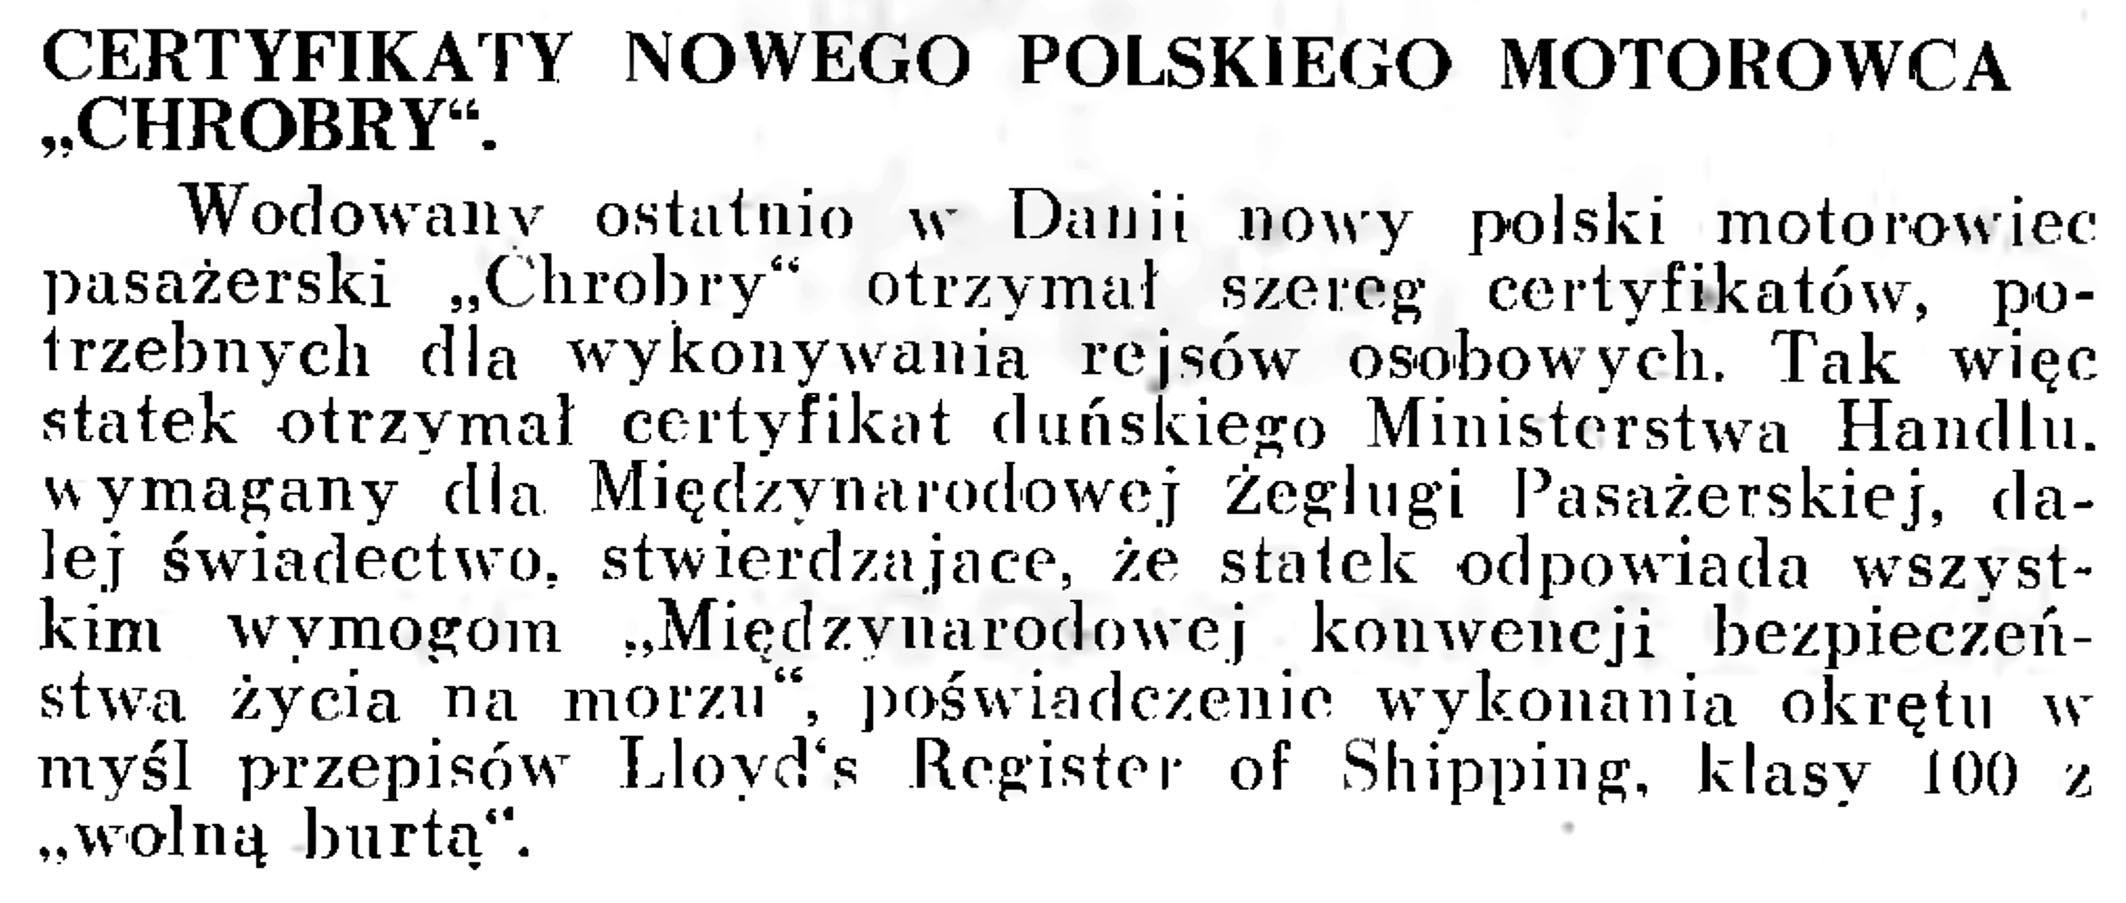 """Certyfikaty nowego polskiego motorowca """"Chrobry"""" // Wiadomości Portowe. - 1939, nr 3, s. 18"""